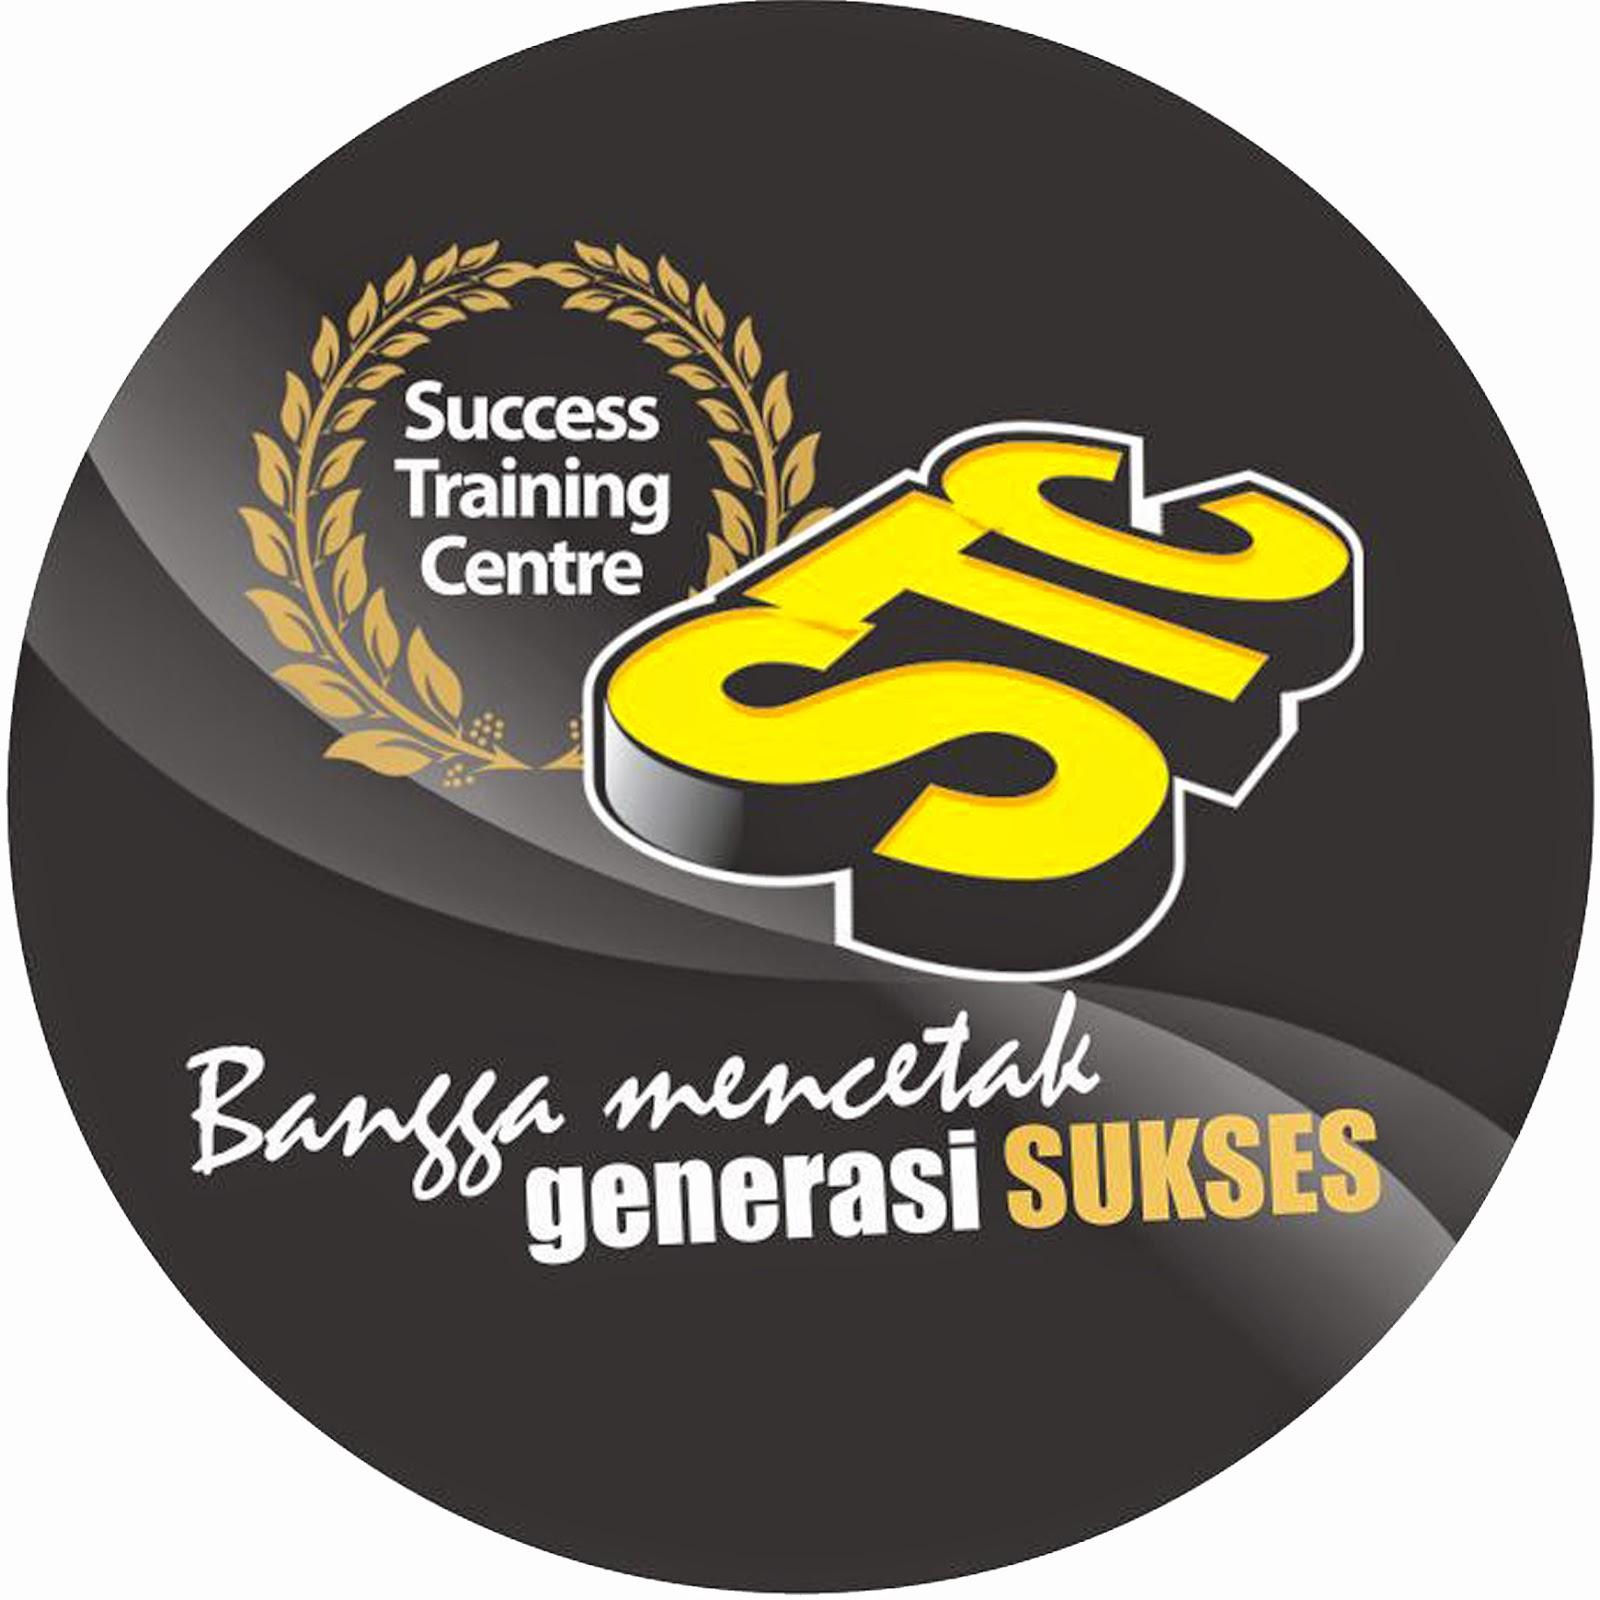 Success Training Centre